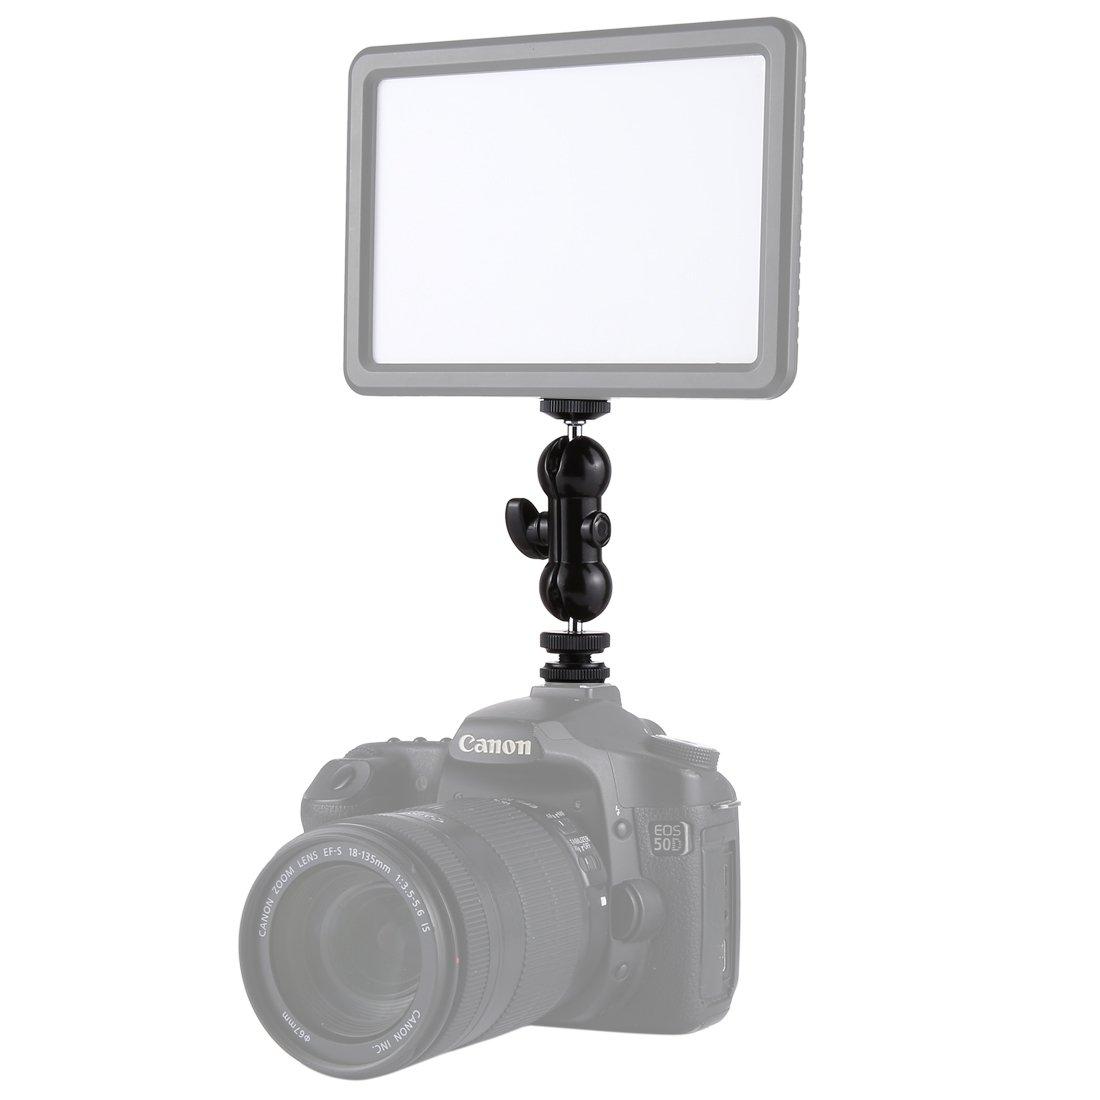 HEGUANGWEI Camera Mount Flash Hot Shoe Swivel Ball Head 1/4 inch Tripod Screw Magic Arm with Lock Photography by HEGUANGWEI